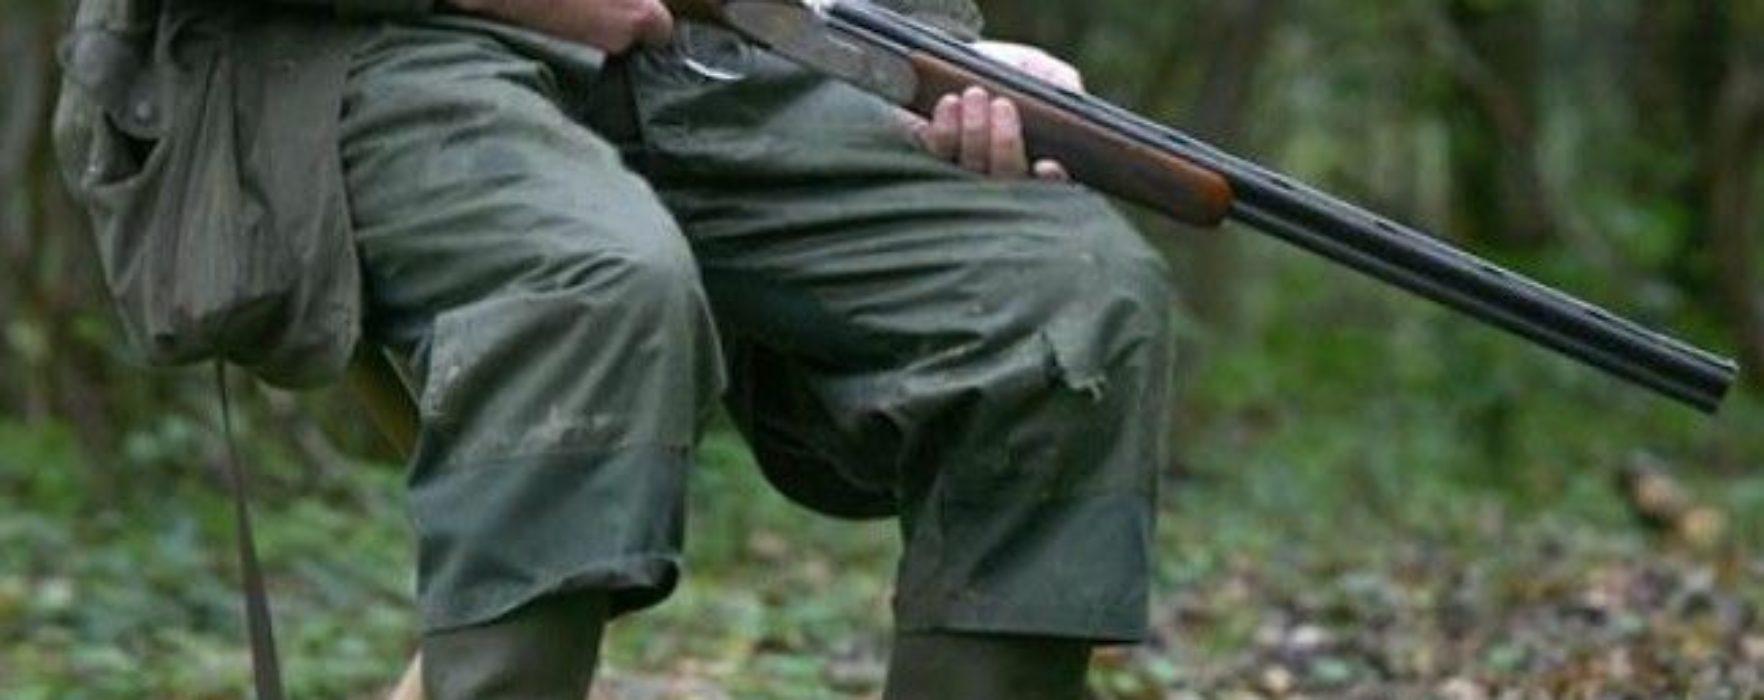 Dâmboviţa: S-a împuşcat accidental în timp ce îşi curăţa arma